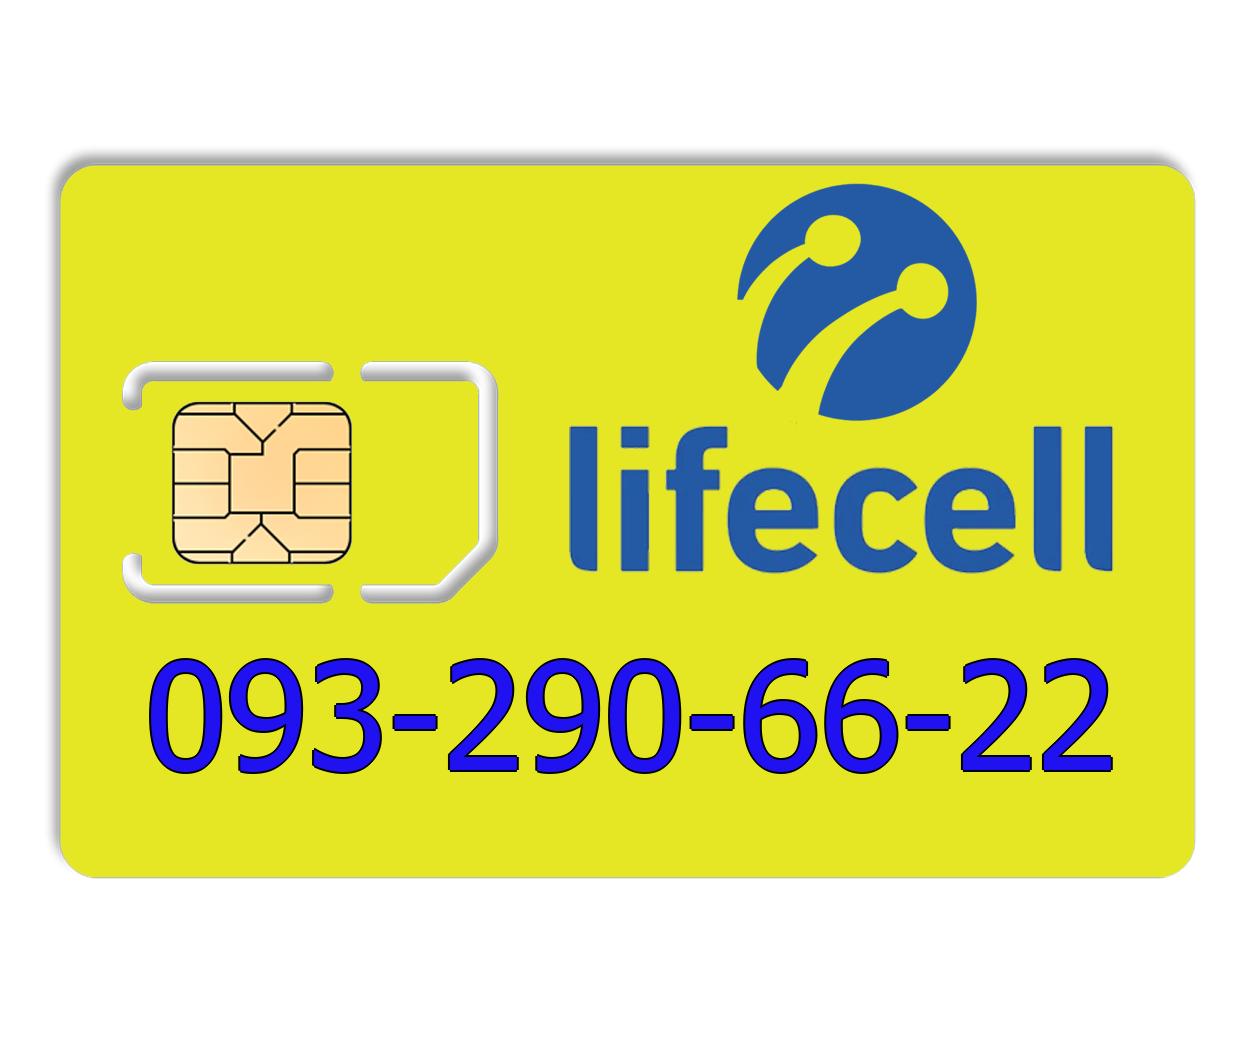 Красивый номер lifecell 093-290-66-22